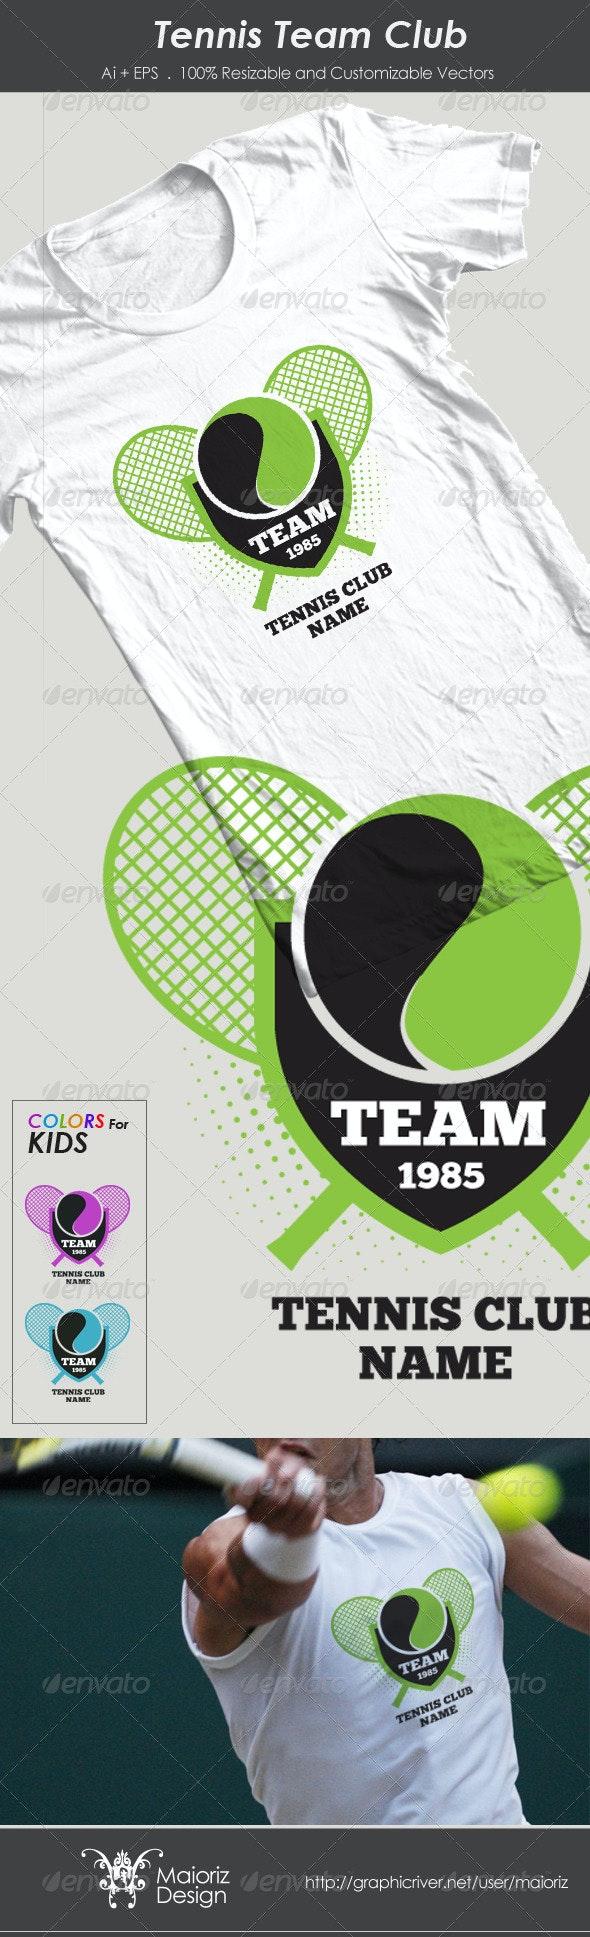 Tennis Team Club Tshirt - Sports & Teams T-Shirts